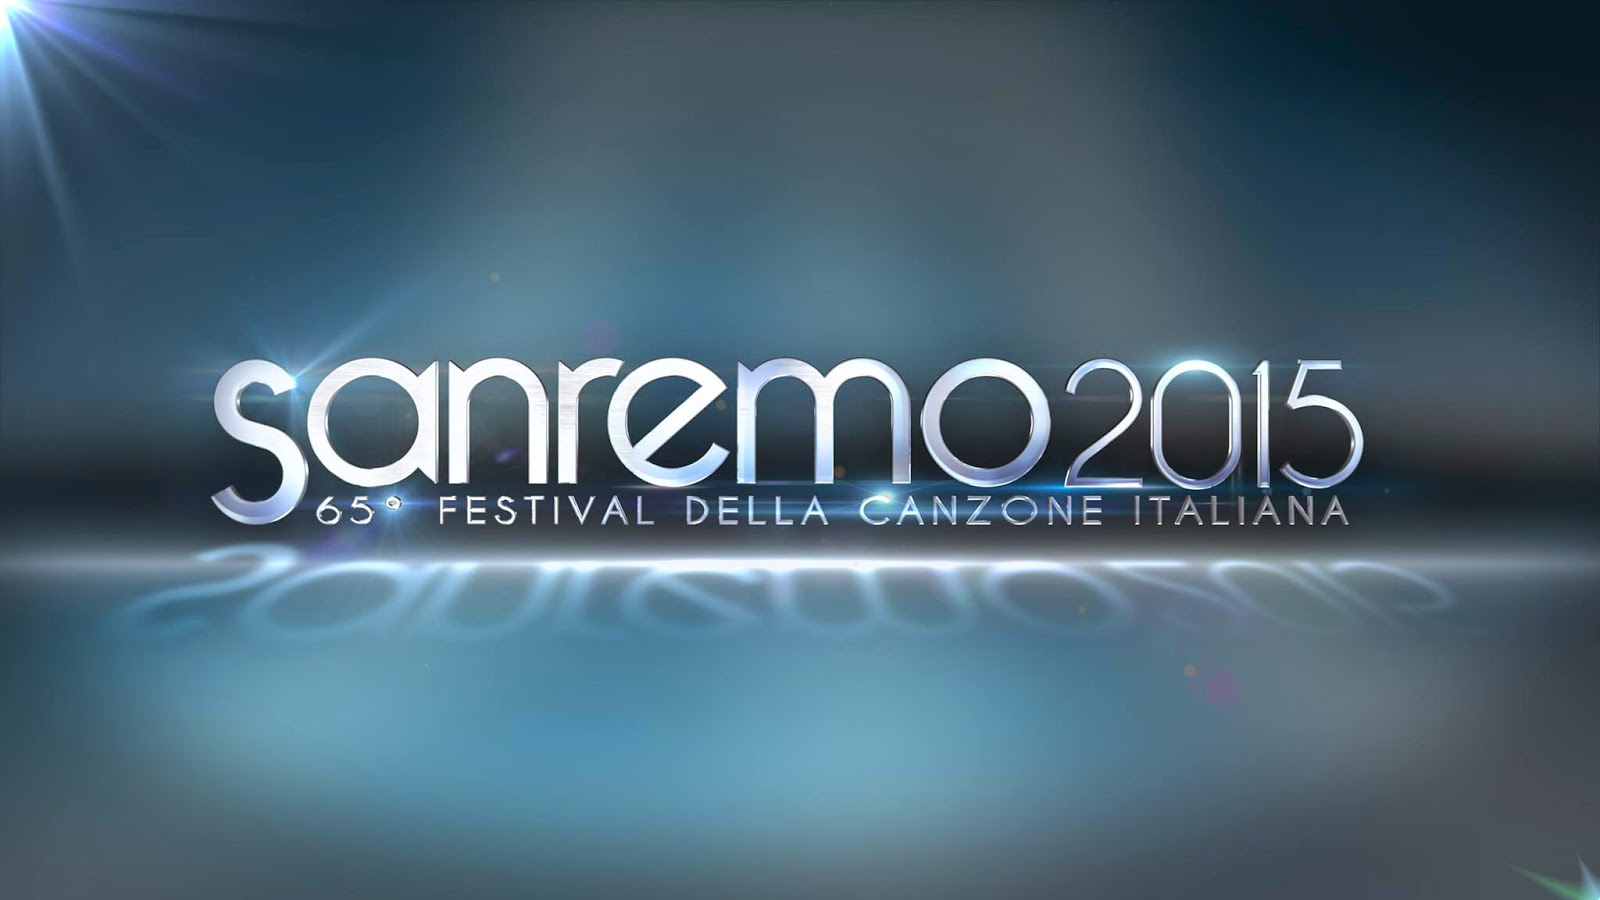 Sanremo 2016 Il Festival della canzone italiana in 10 frasi  - frasi belle canzoni sanremo 2015